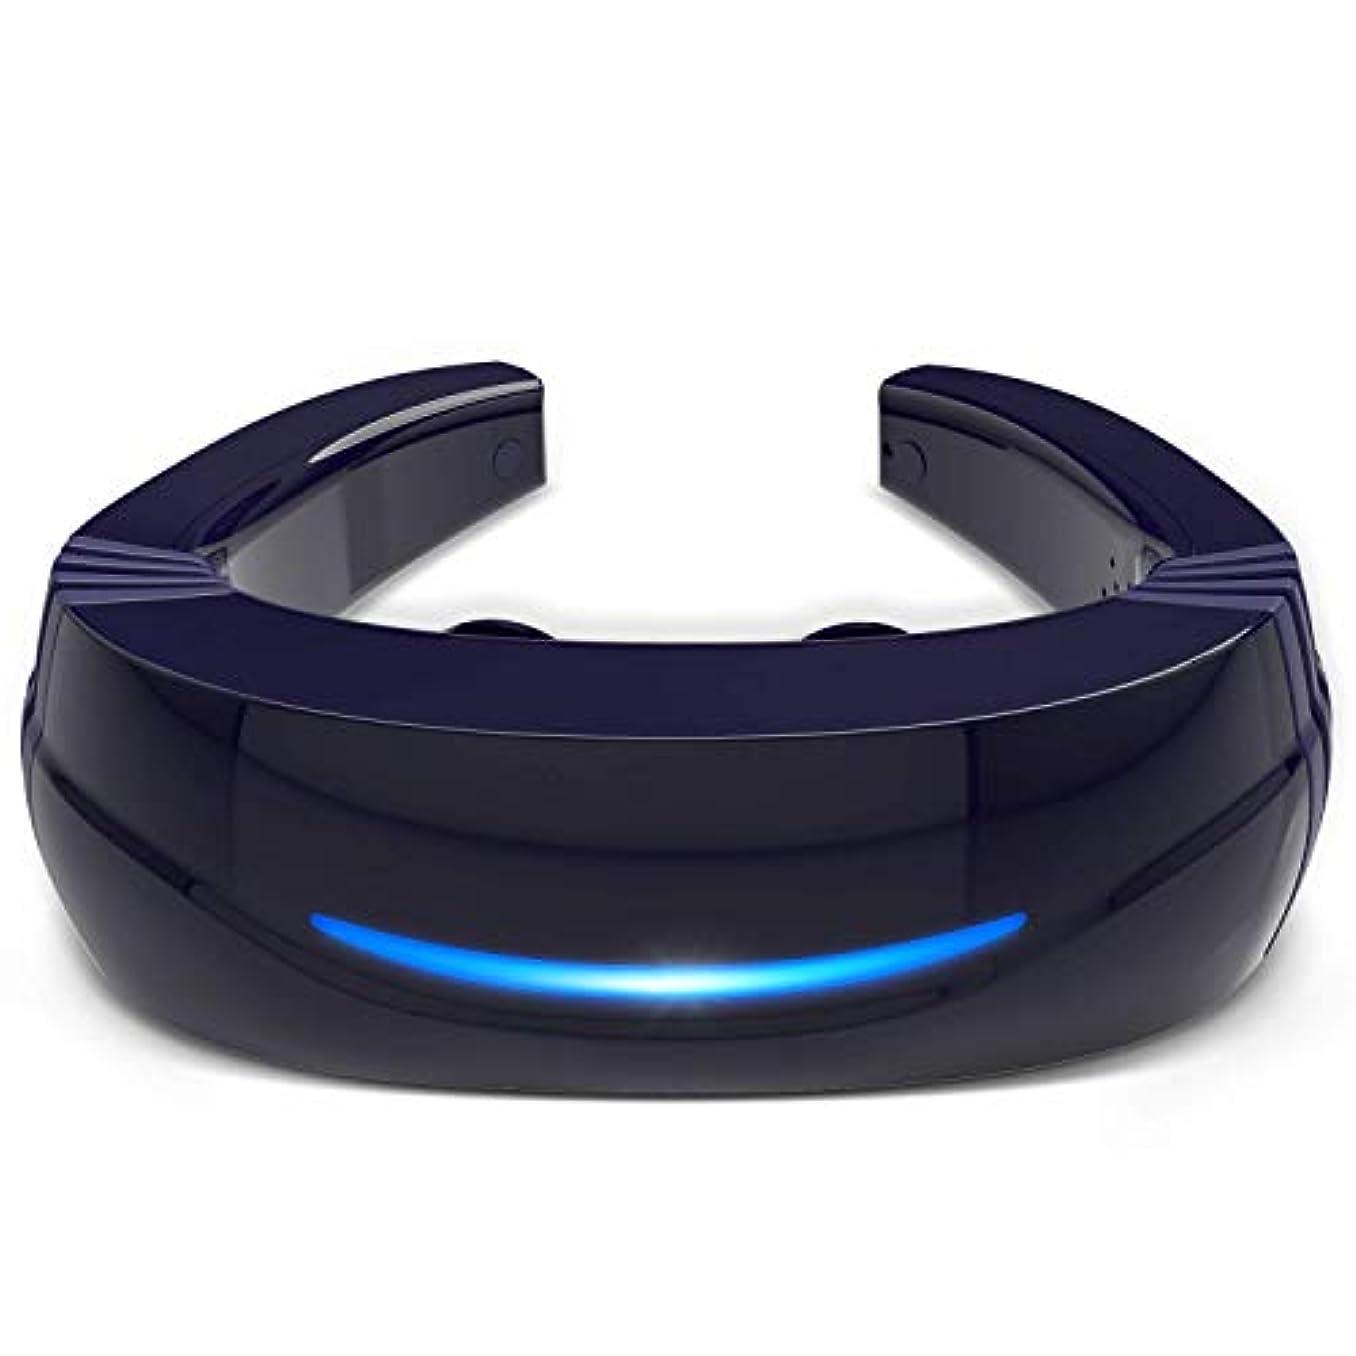 シュリンクペンダントラウンジHipoo ネックマッサージャー 首マッサージ 低周波 マッサージ器 ストレス解消 USB充電式 日本語説明書 電極パッド2つ付き 音声式